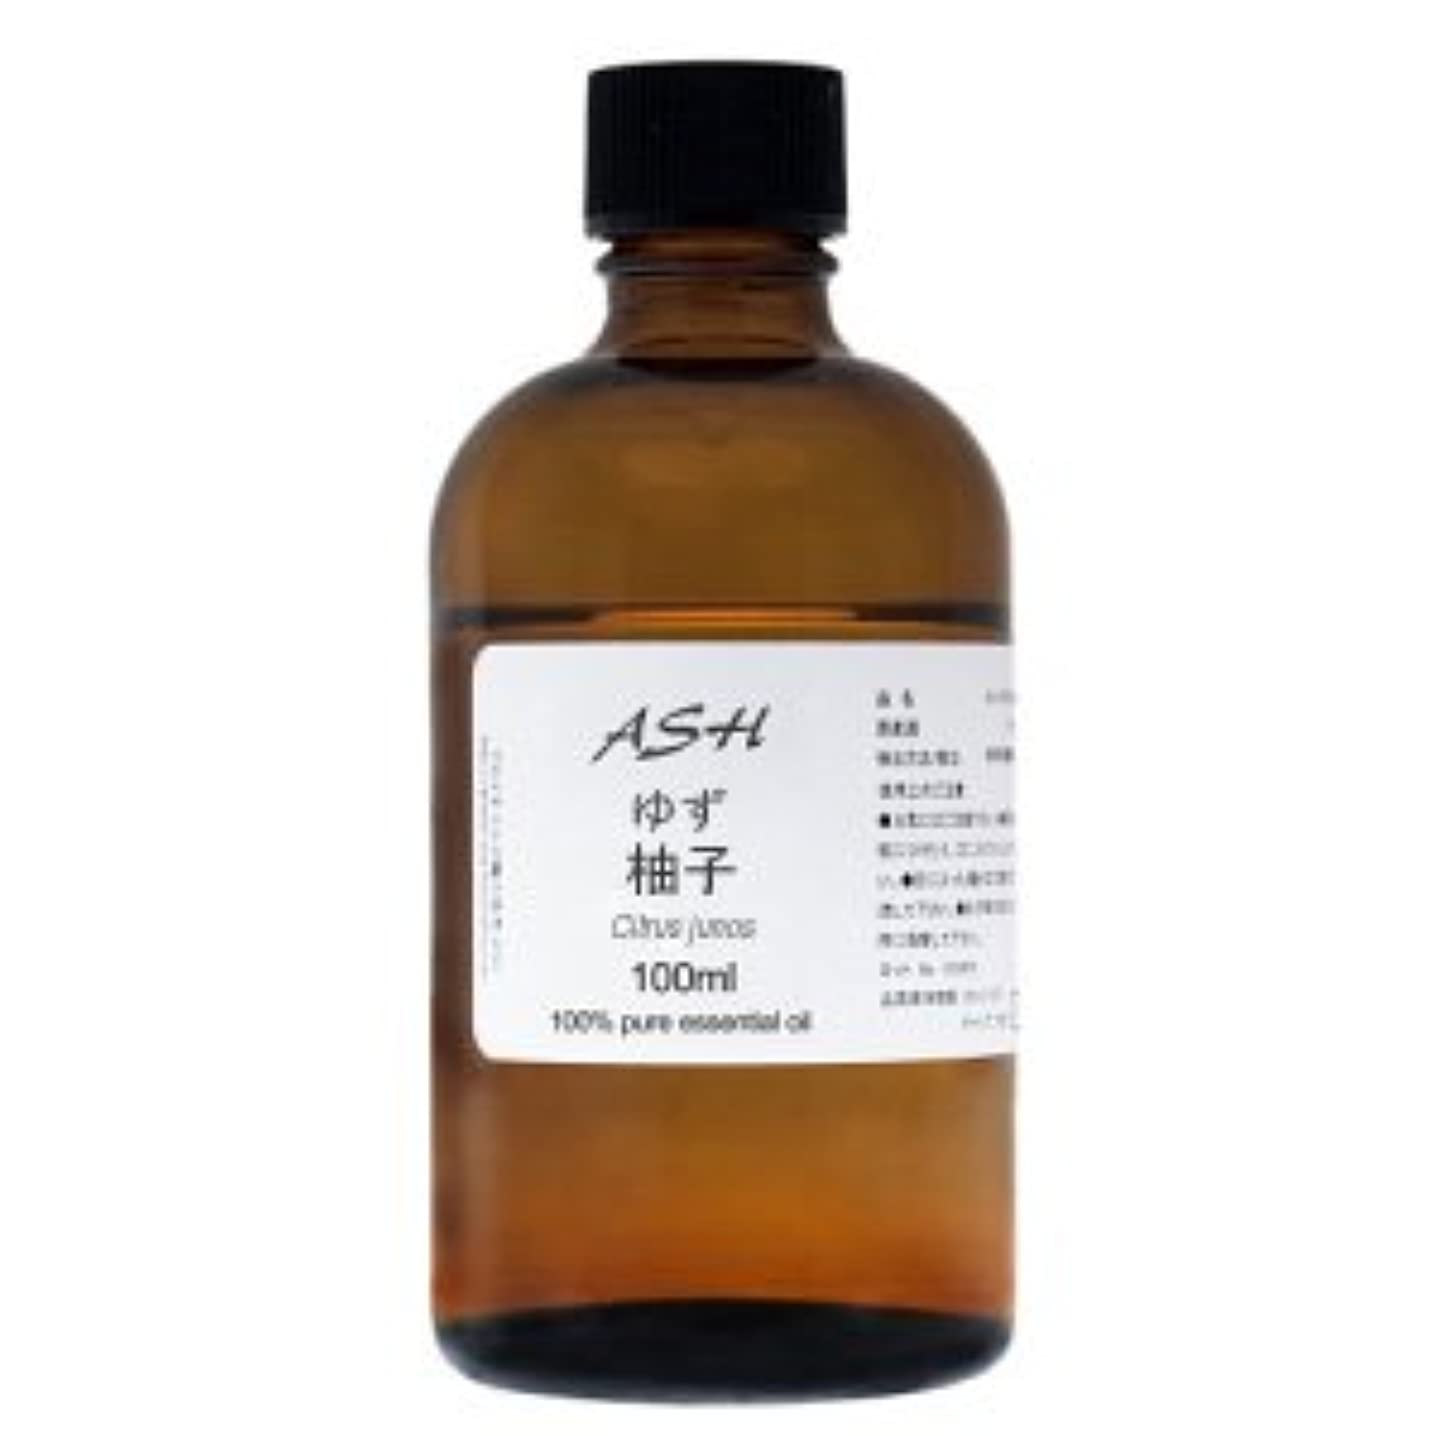 モナリザ正しい骨の折れるASH 柚子 (ゆず) エッセンシャルオイル 100ml【和精油】【Yuzu Essential Oil-Japan】 AEAJ表示基準適合認定精油